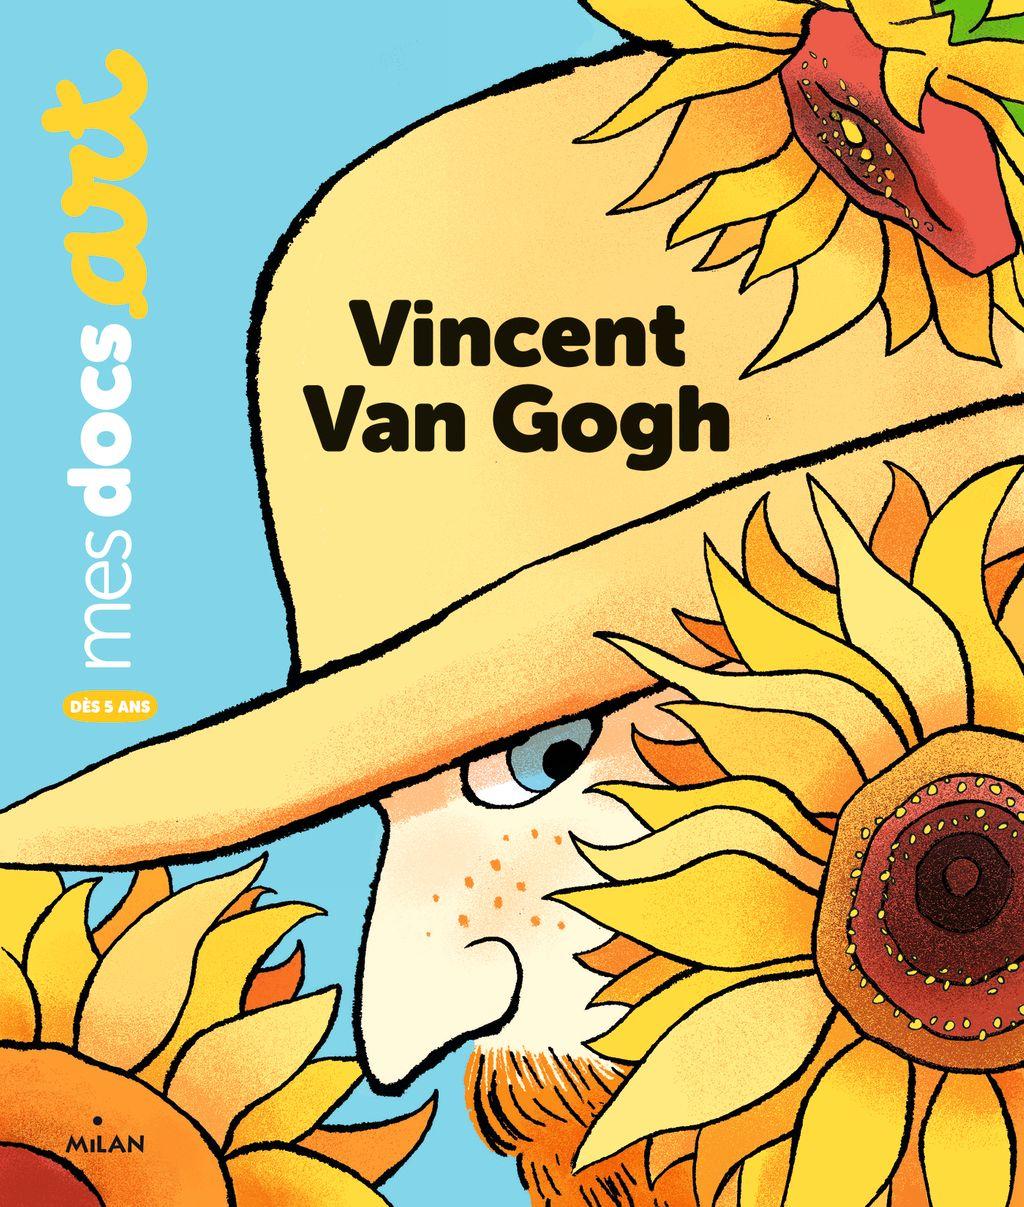 «Vincent Van Gogh» cover